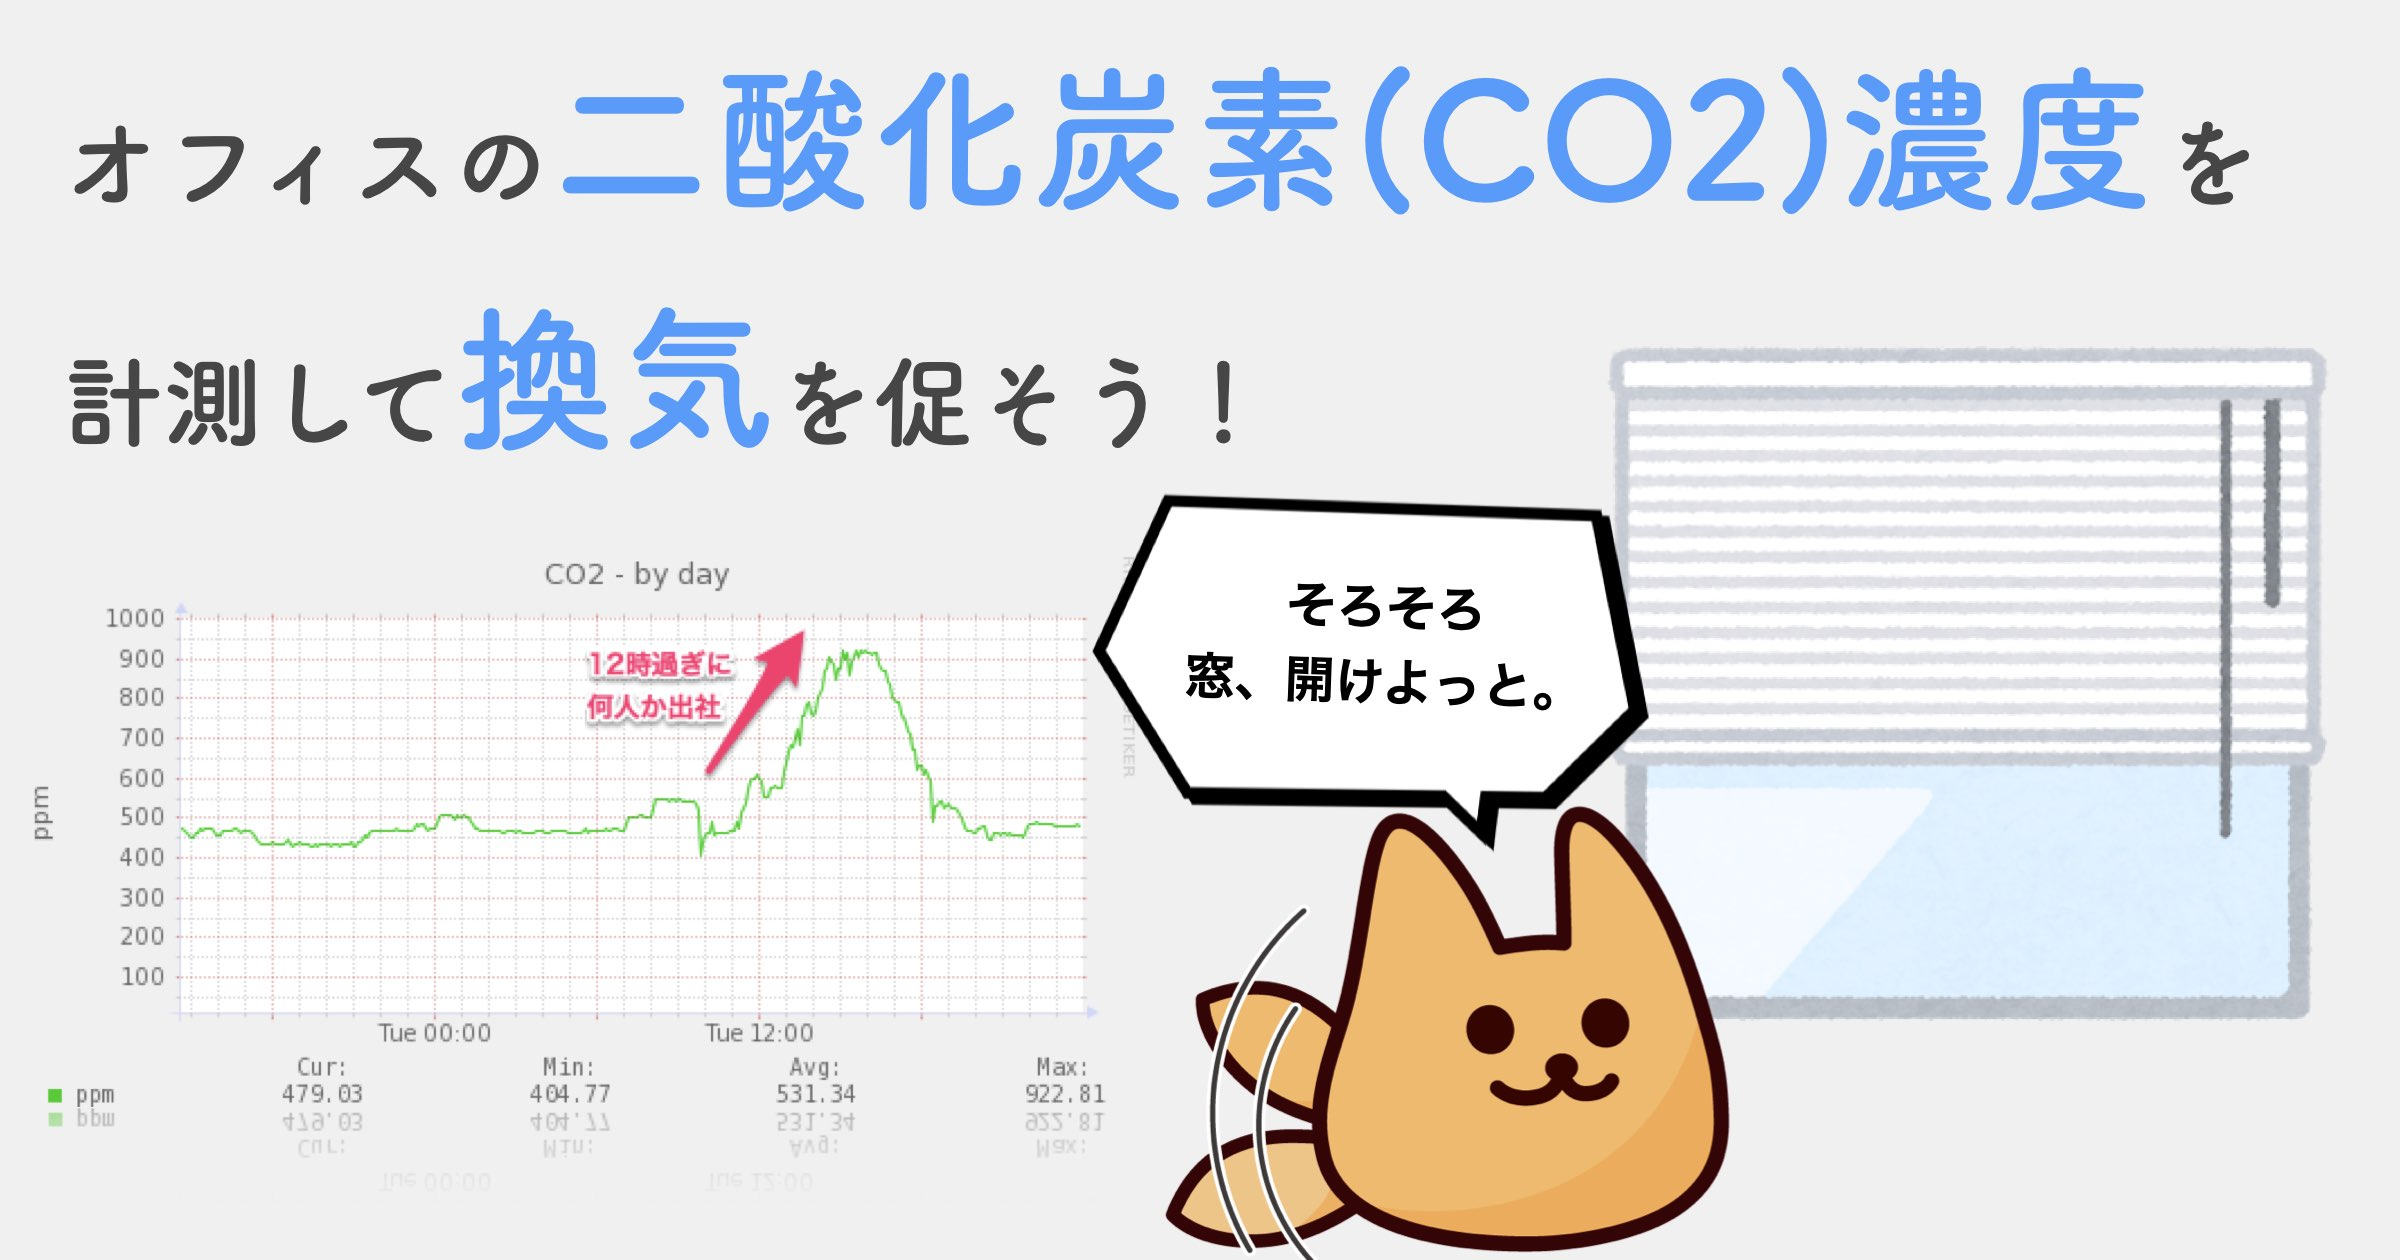 オフィスの二酸化炭素(CO2)濃度を計測して換気を促そう!